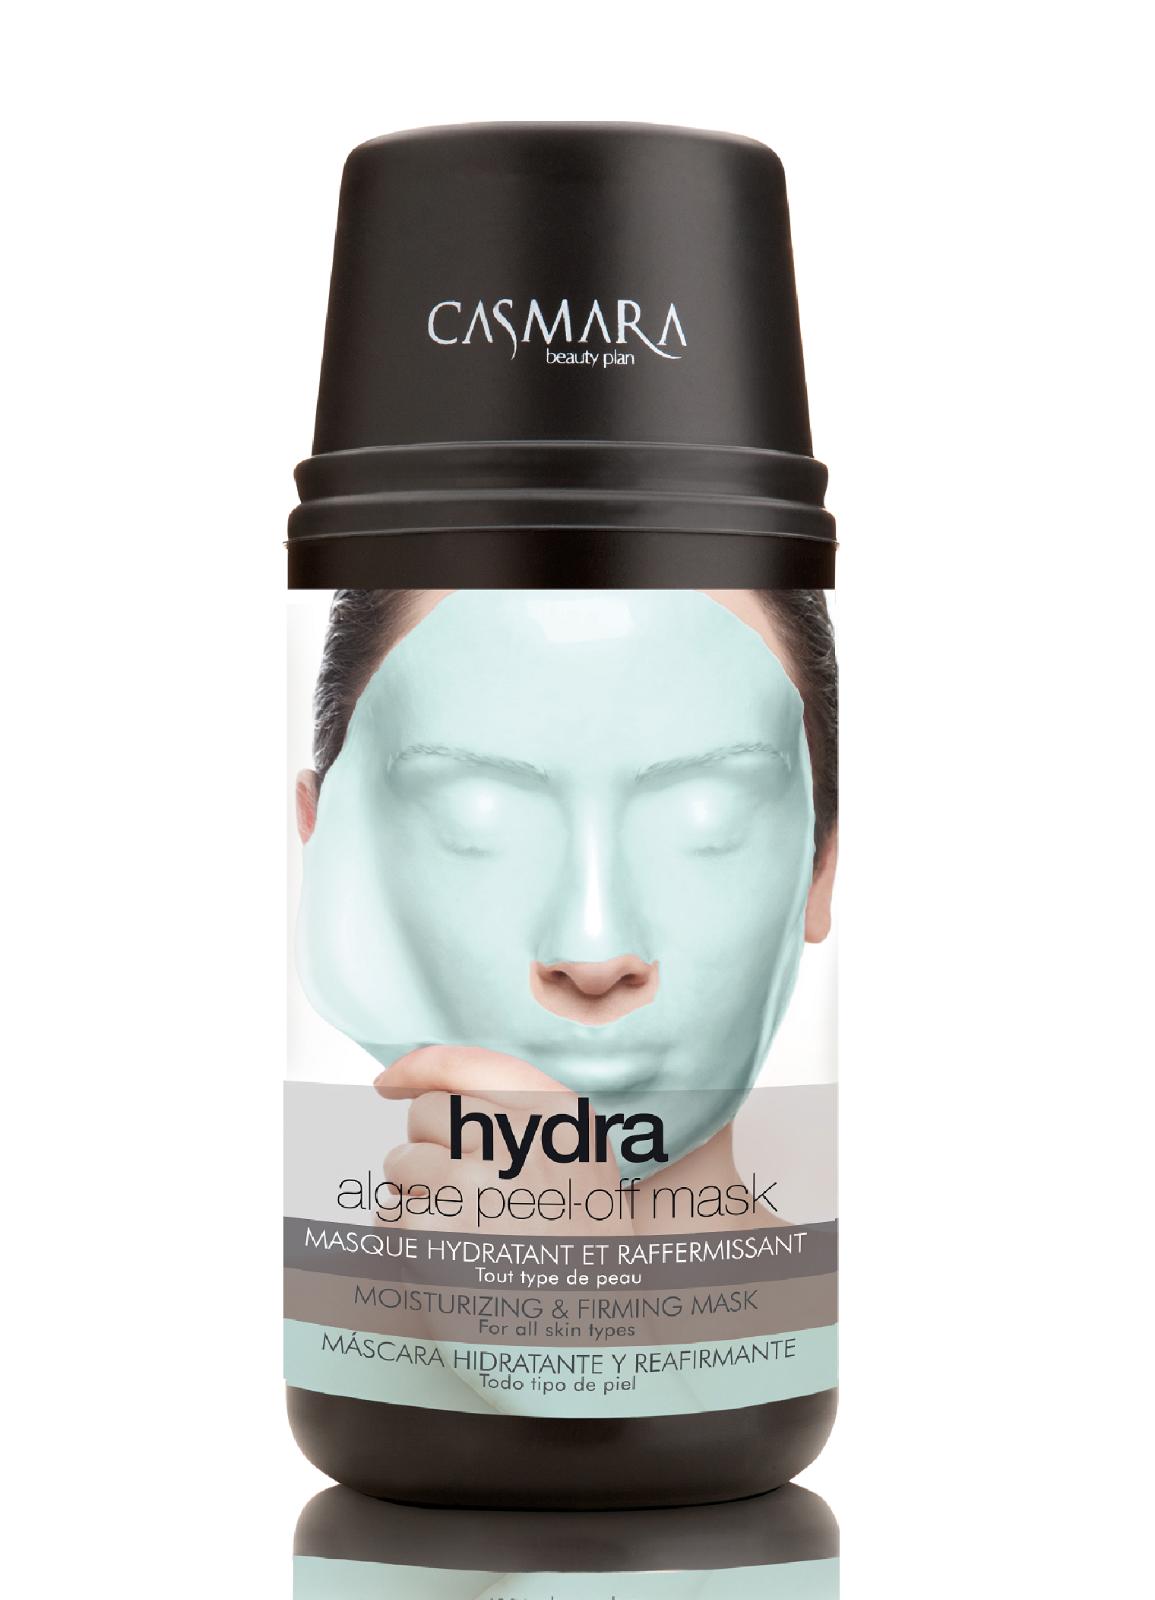 CASMARA Набор Бьюти для лица Гидра (увлажняющая и укрепляющая альгинатная маска 1 шт, укрепляющий крем для лица 4 мл) - Наборы